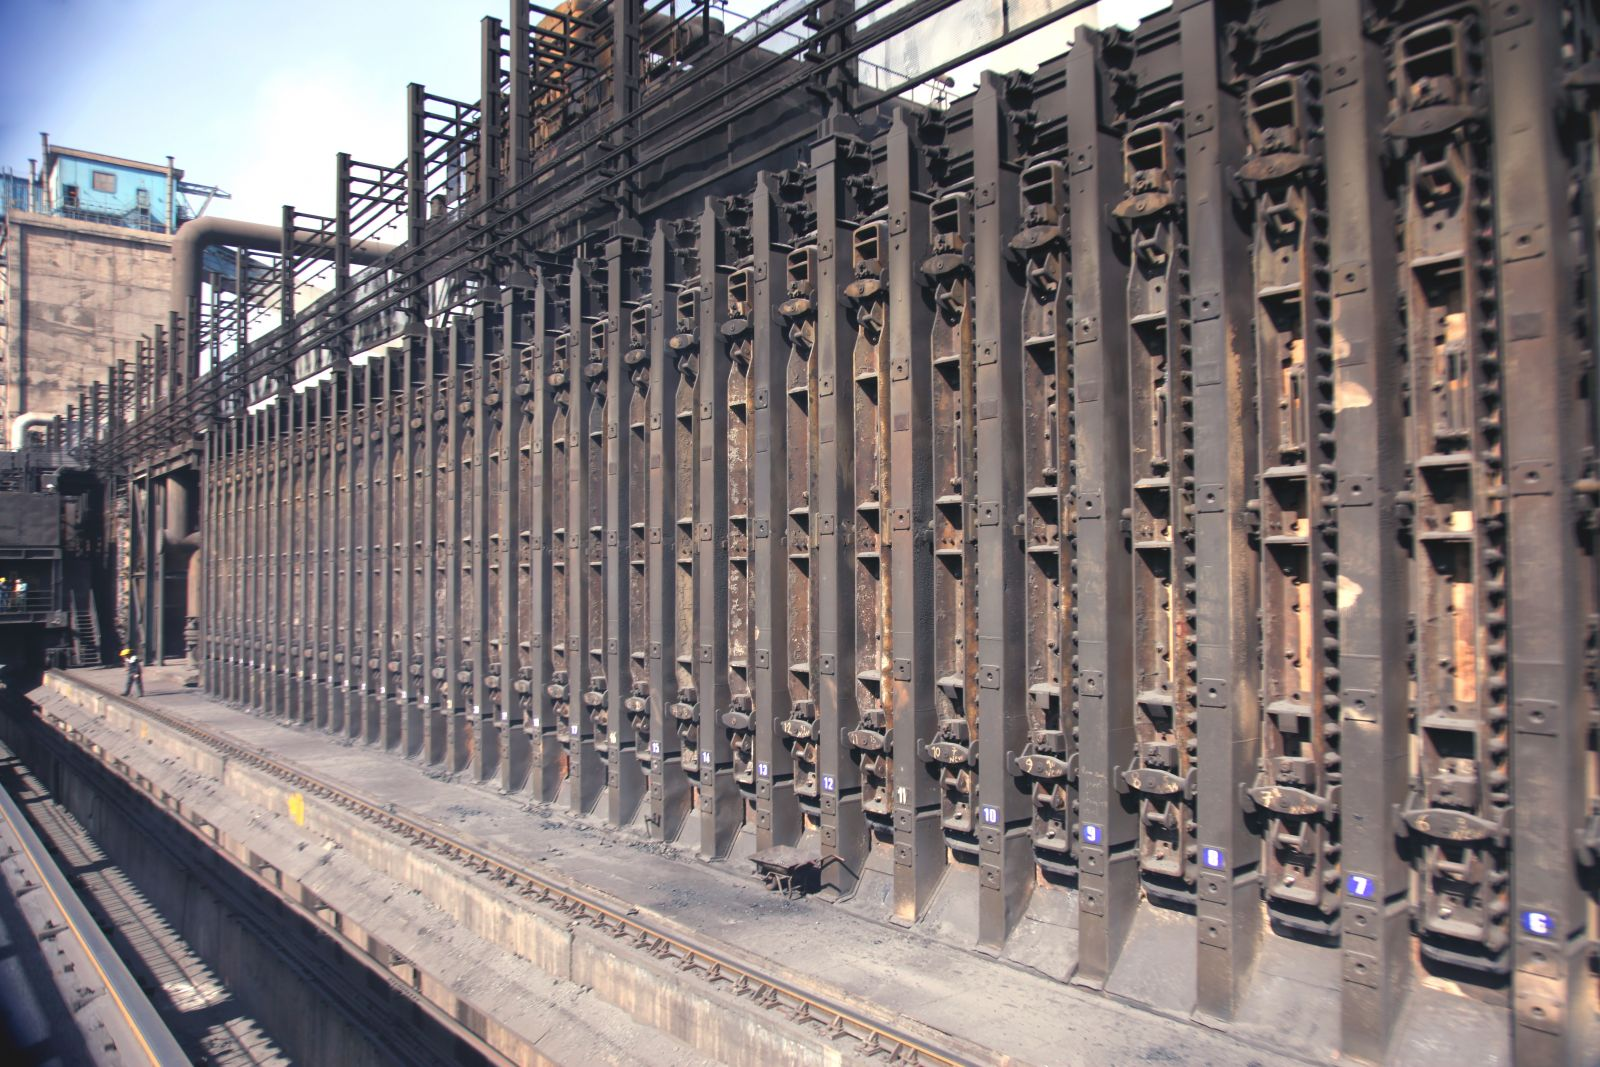 بومی سازی پروژه زیست محیطی در ذوب آهن اصفهان/ تعداد 74 درب فلکسیبل ساخته و نصب شد